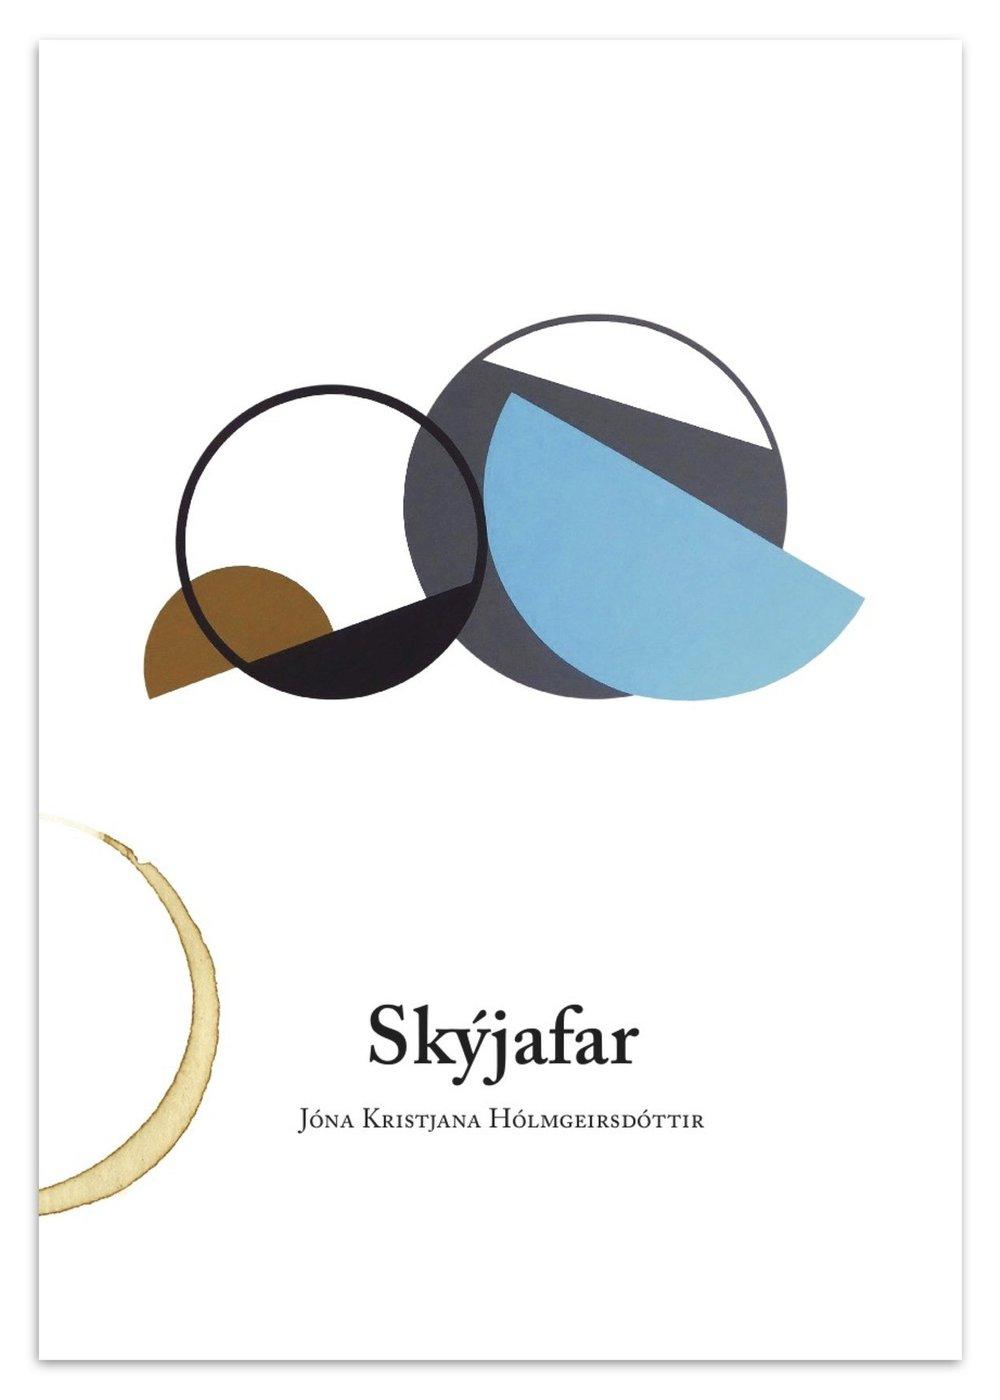 STOREFRONT -  Skyjafar.jpg